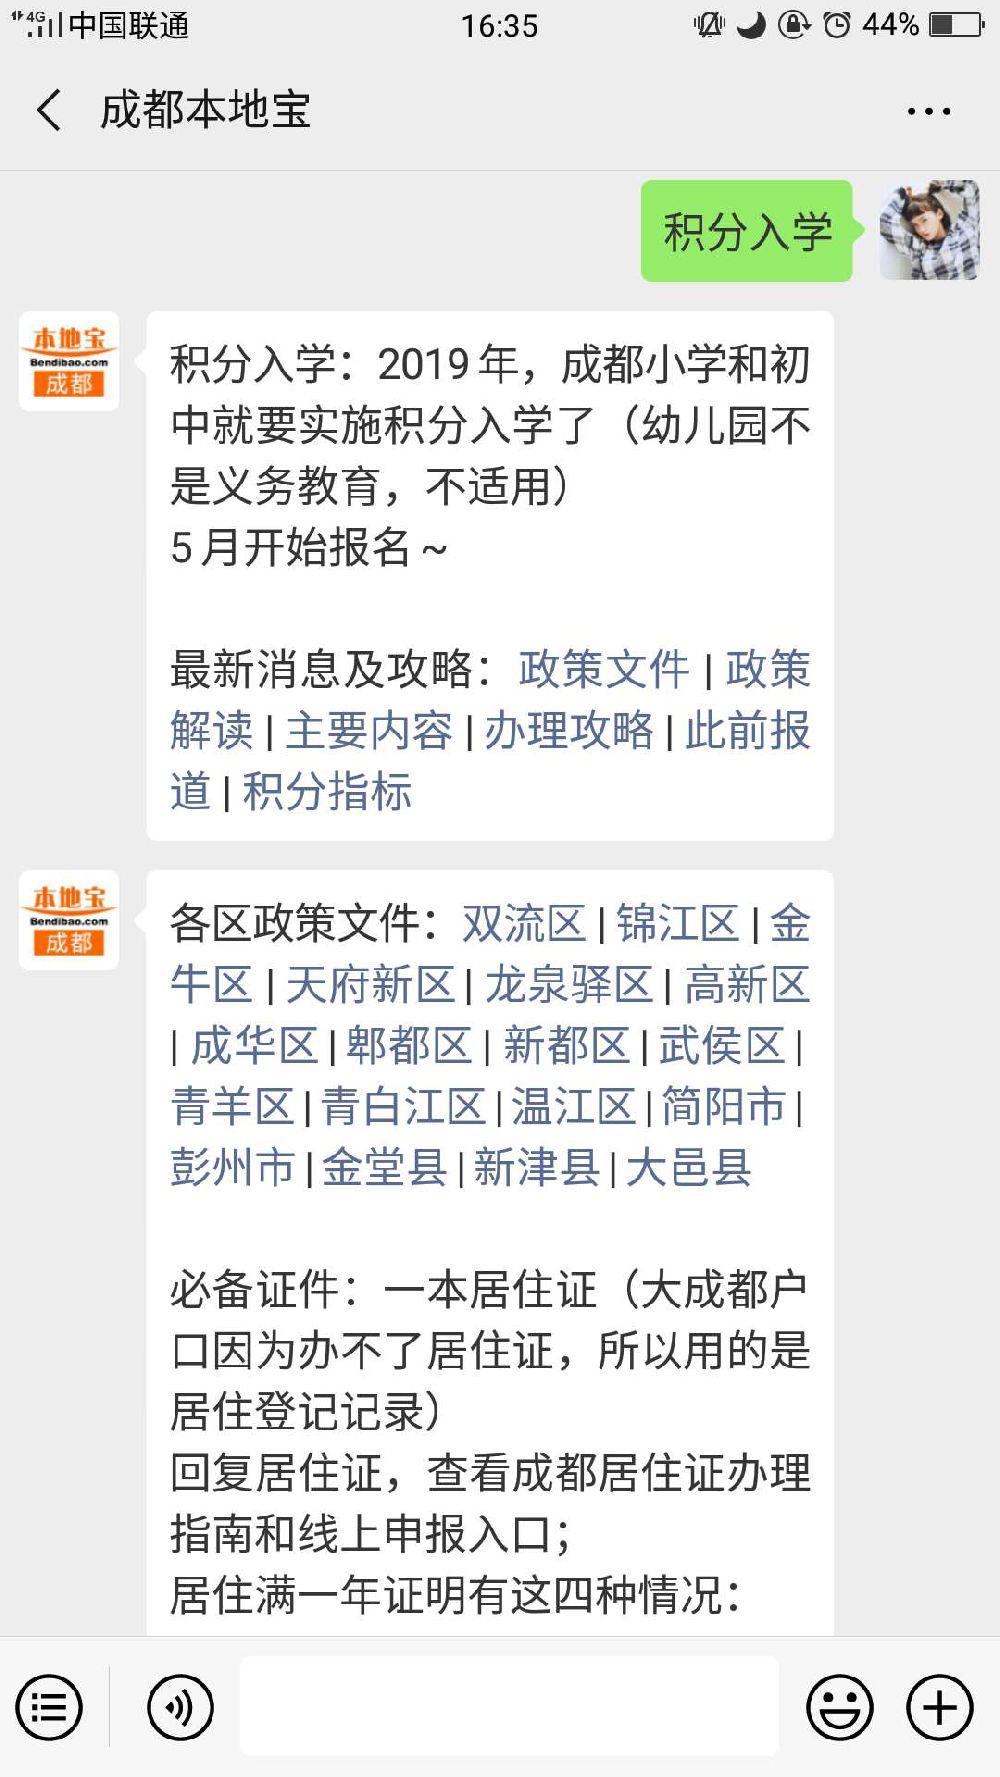 2019郫都小学初中积分入学办理指南(时间+材料+条件)